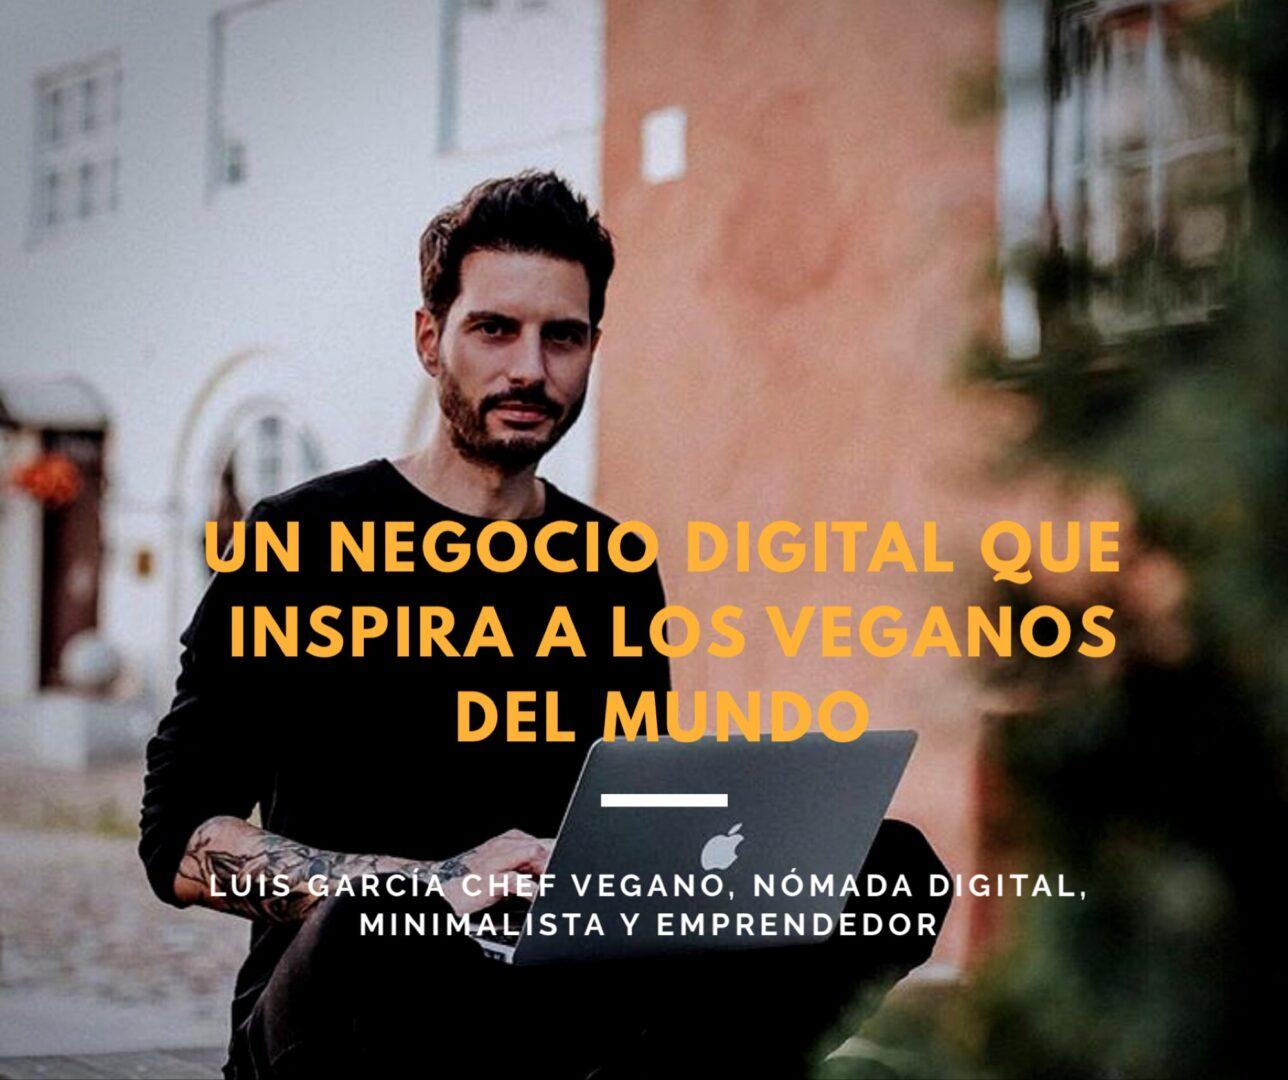 Un negocio digital que inspira a los veganos del mundo